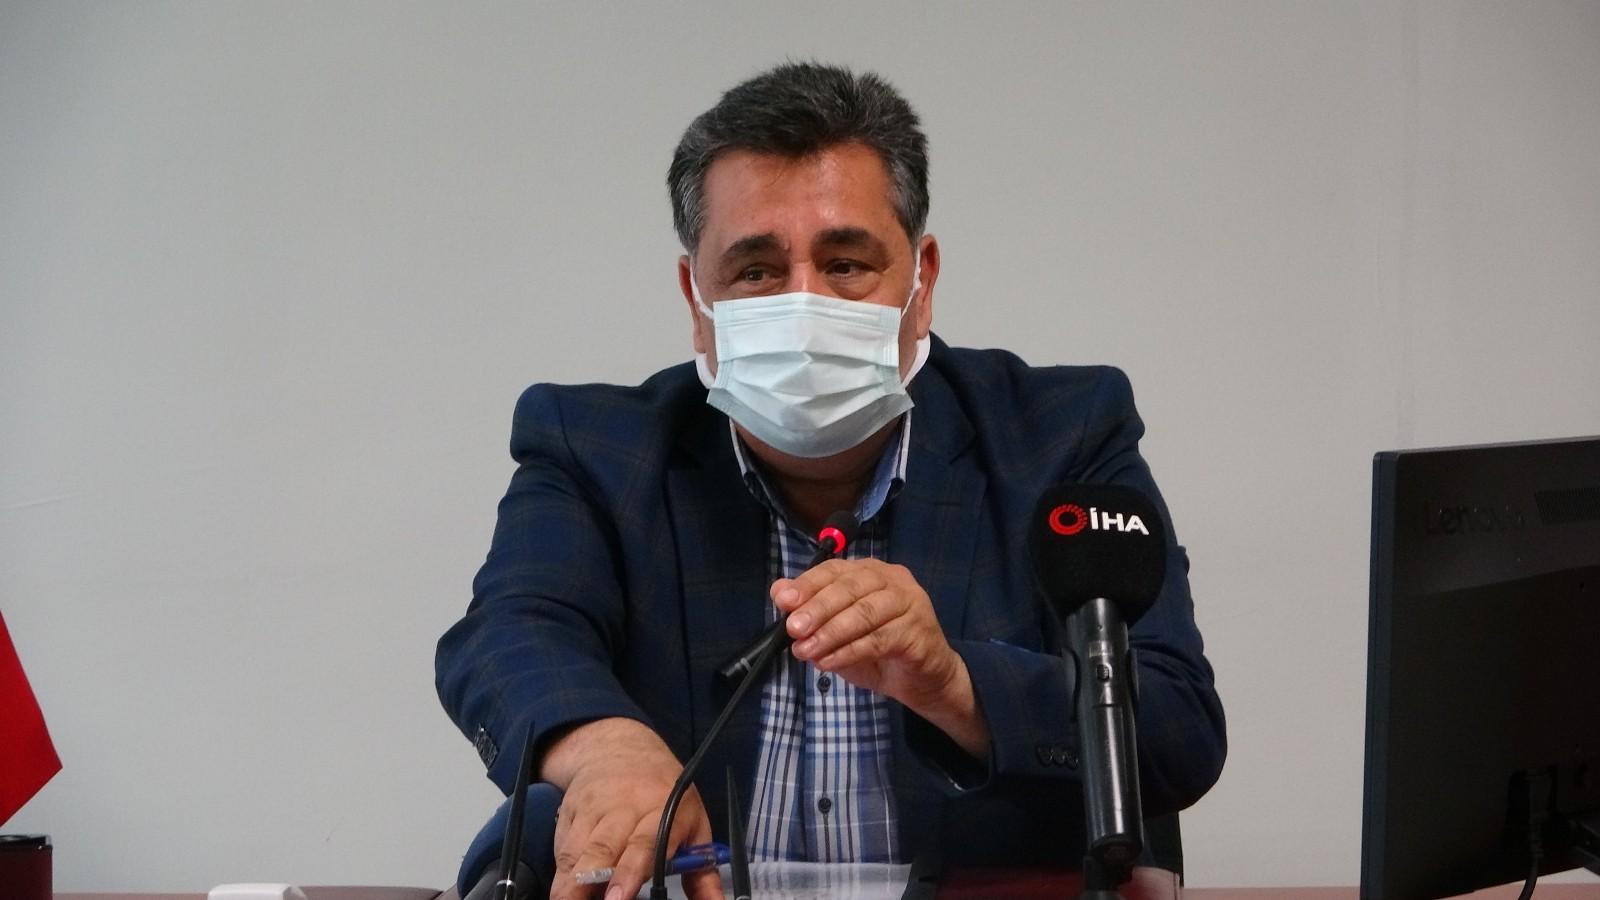 Düğün salonu işletmecileri maske ve mesafe konusunda uyarıldı